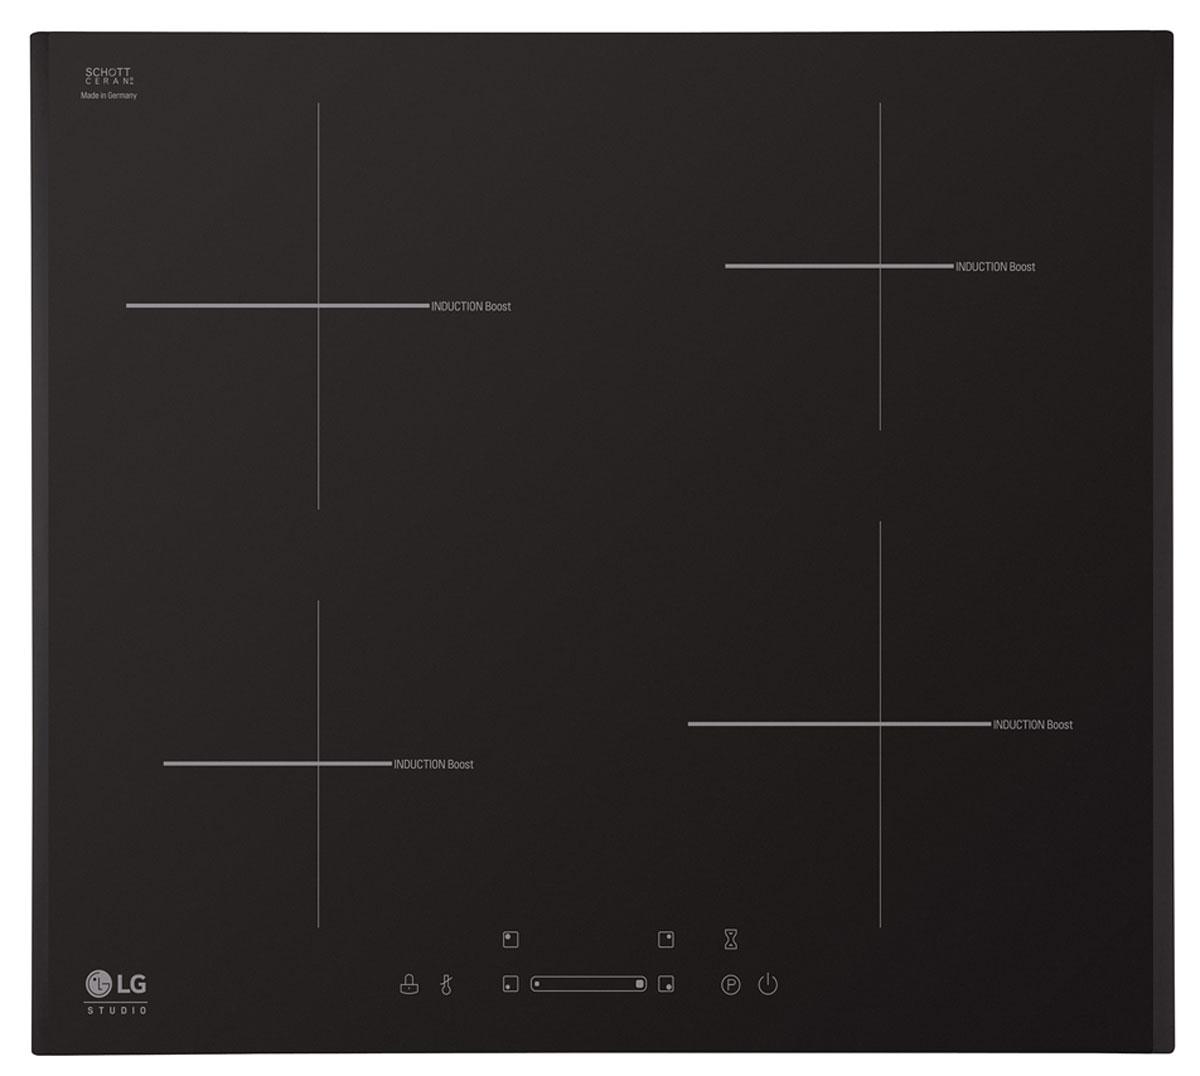 LG KVN6403AF, Black варочная панельLG KVN6403AFLG KVN6403AF - индукционная варочная панель из стеклокерамики с сенсорным управлением.Благодаря простой системе управления и легкой очистке вы сможете насладиться удобством приготовления от начала до конца. Индукционная плита не только сделает дизайн вашей кухни роскошным, но и обеспечит отличный результат приготовления вкусных и полезных блюд.Уровень мощности и все функции регулируются простым прикосновением к электронной сенсорной панели управления на керамической поверхности. Поэтому ей очень легко управлять, а также очищать после использования.Все зоны приготовления могут быть автоматически отключены с помощью встроенного таймера приготовления пищи. Вы можете выбрать время от 1 до 99 минут для каждой индукционной зоны. По истечению времени они автоматически отключатся. Такой таймер позволяет готовить удобно, безопасно и легко.Функция Power Boost позволяет быстрее нагреть все включенные зоны индукционной плиты до определенной температуры, подавая на них большую мощность. Эта функция экономит ваше время на приготовление пищи.Интеллектуальная пауза Stop&Go позволяет снизить мощность нагрева всех работающих зон до минимального уровня, а после ее отключения вернуться к предыдущему уровню нагрева. Если по истечению 30 мин. пауза не будет выключена, варочная панель отключится автоматически.Во время приготовления и по его окончанию вы можете заблокировать панель управления с помощью нажатия и удержания комбинации символов, для того чтобы избежать сбоя настроек во время приготовления или случайного включения панели детьми.Во время приготовления на панели отображается индикатор остаточного тепла, который сообщает, что температура поверхности является опасной для касания. После выключения панели знак отображается до тех пор пока она не остынет и ее можно будет безопасно касаться.Размер и мощность индукционных зон: 2x160 мм - 1400 Вт (Быстрый разогрев - 1800 Вт) / 2x200 мм - 2100 Вт (Быстрый разогрев - 2500 Вт)Таймер приготовле